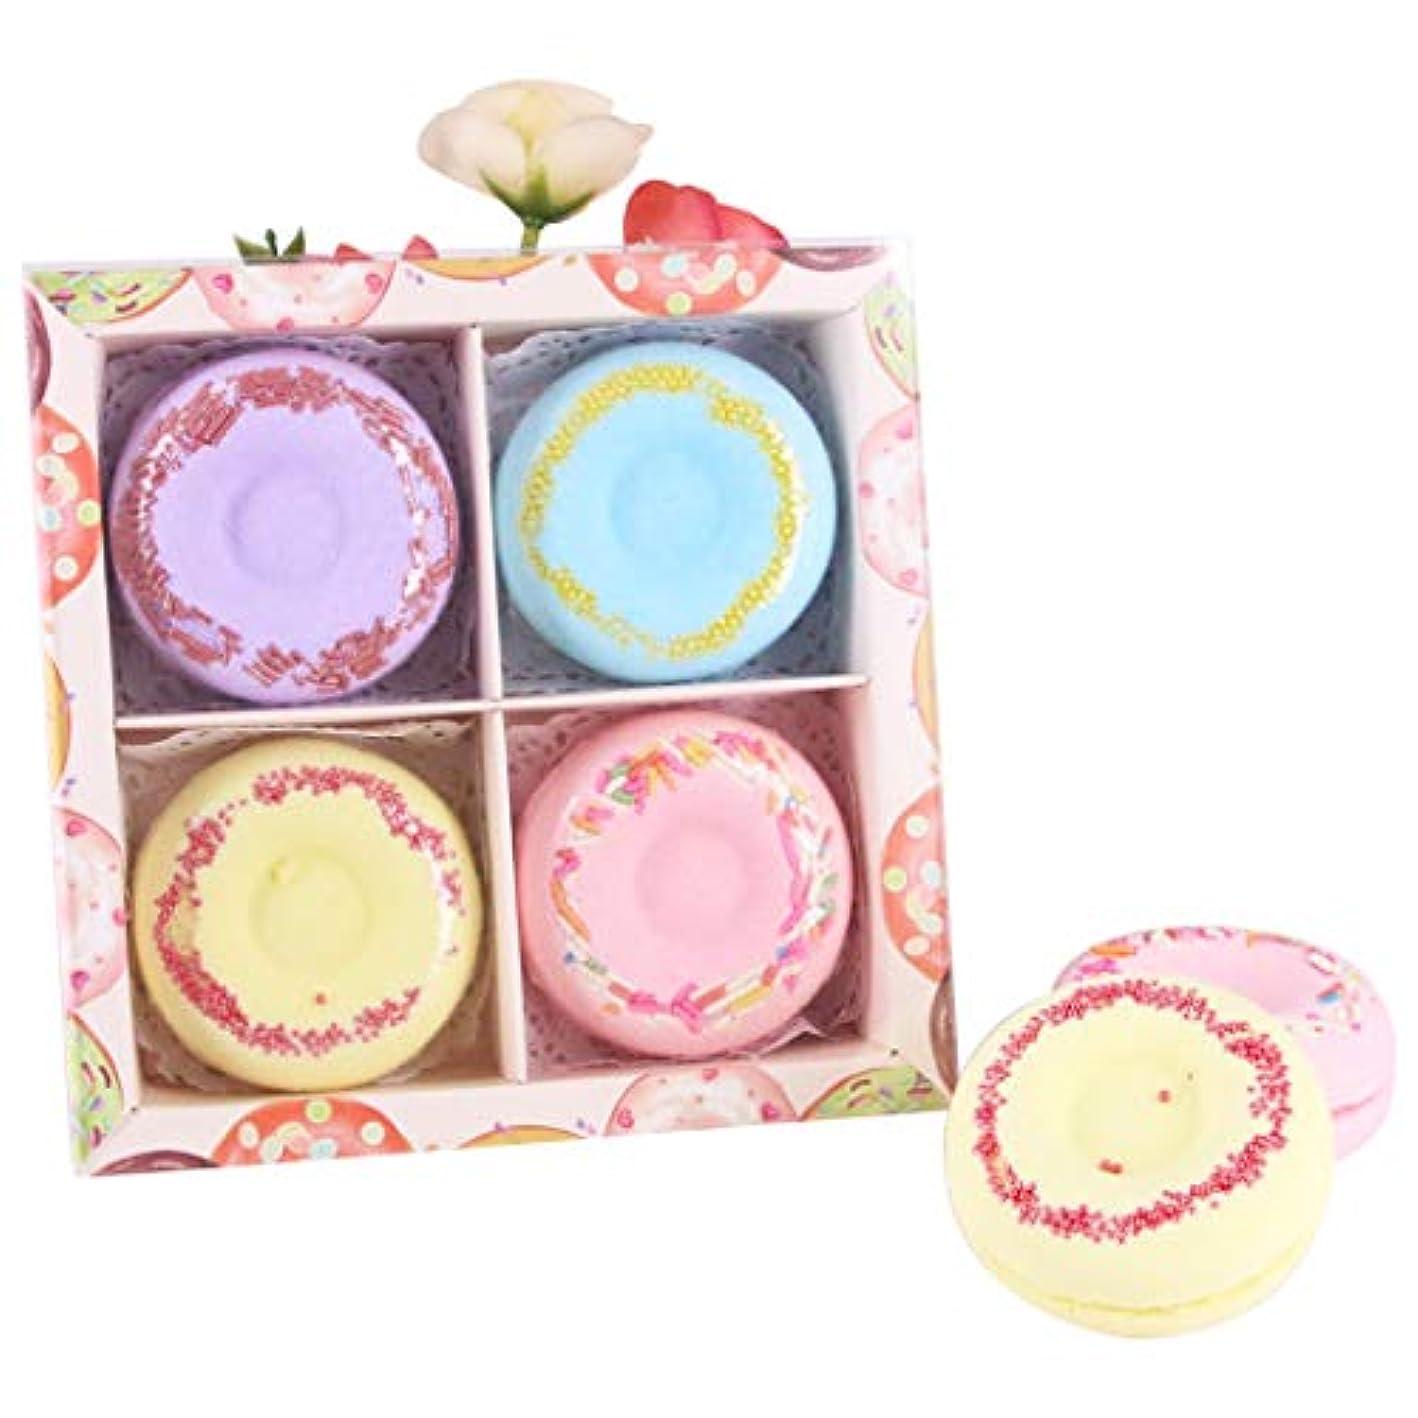 醸造所配偶者事Funpa 4枚セット 入浴剤 入浴ボール ドーナツ型 可愛い 精油 香り残す バレンタインデー 彼女のプレゼント お風呂用